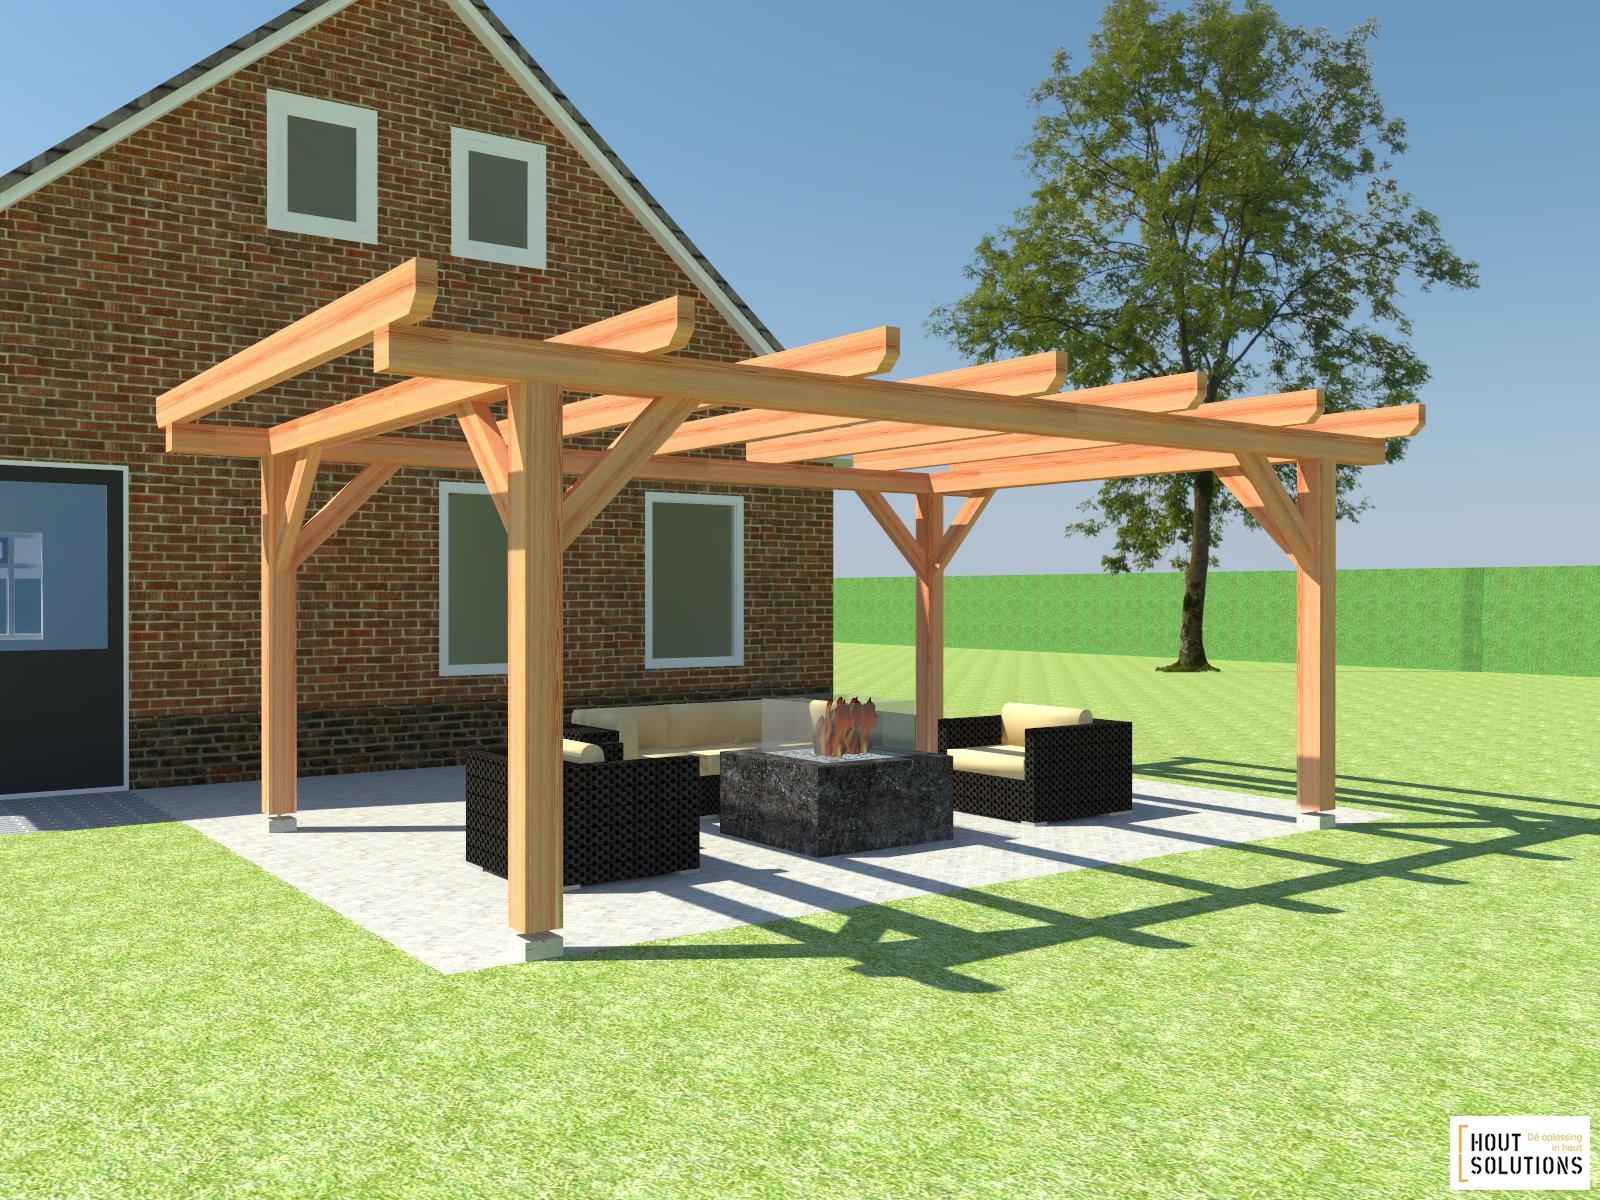 Pergola bouwen houtsolutions - Pergola hout bedekt ...